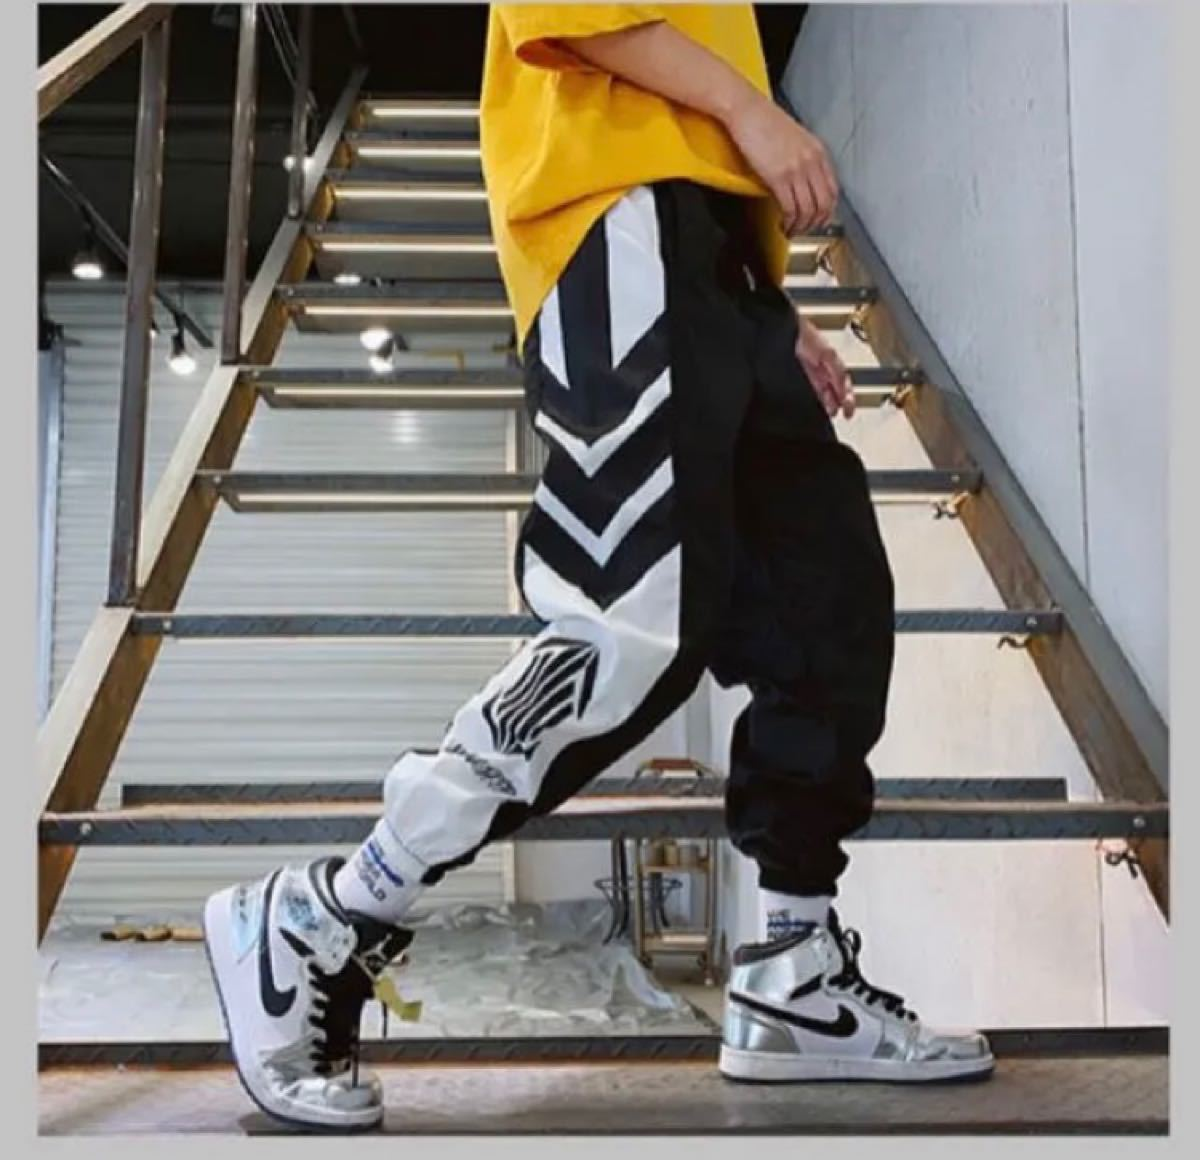 ジョガーパンツ 韓国 メンズ ラインパンツ ストリート ジャージ ホワイト M